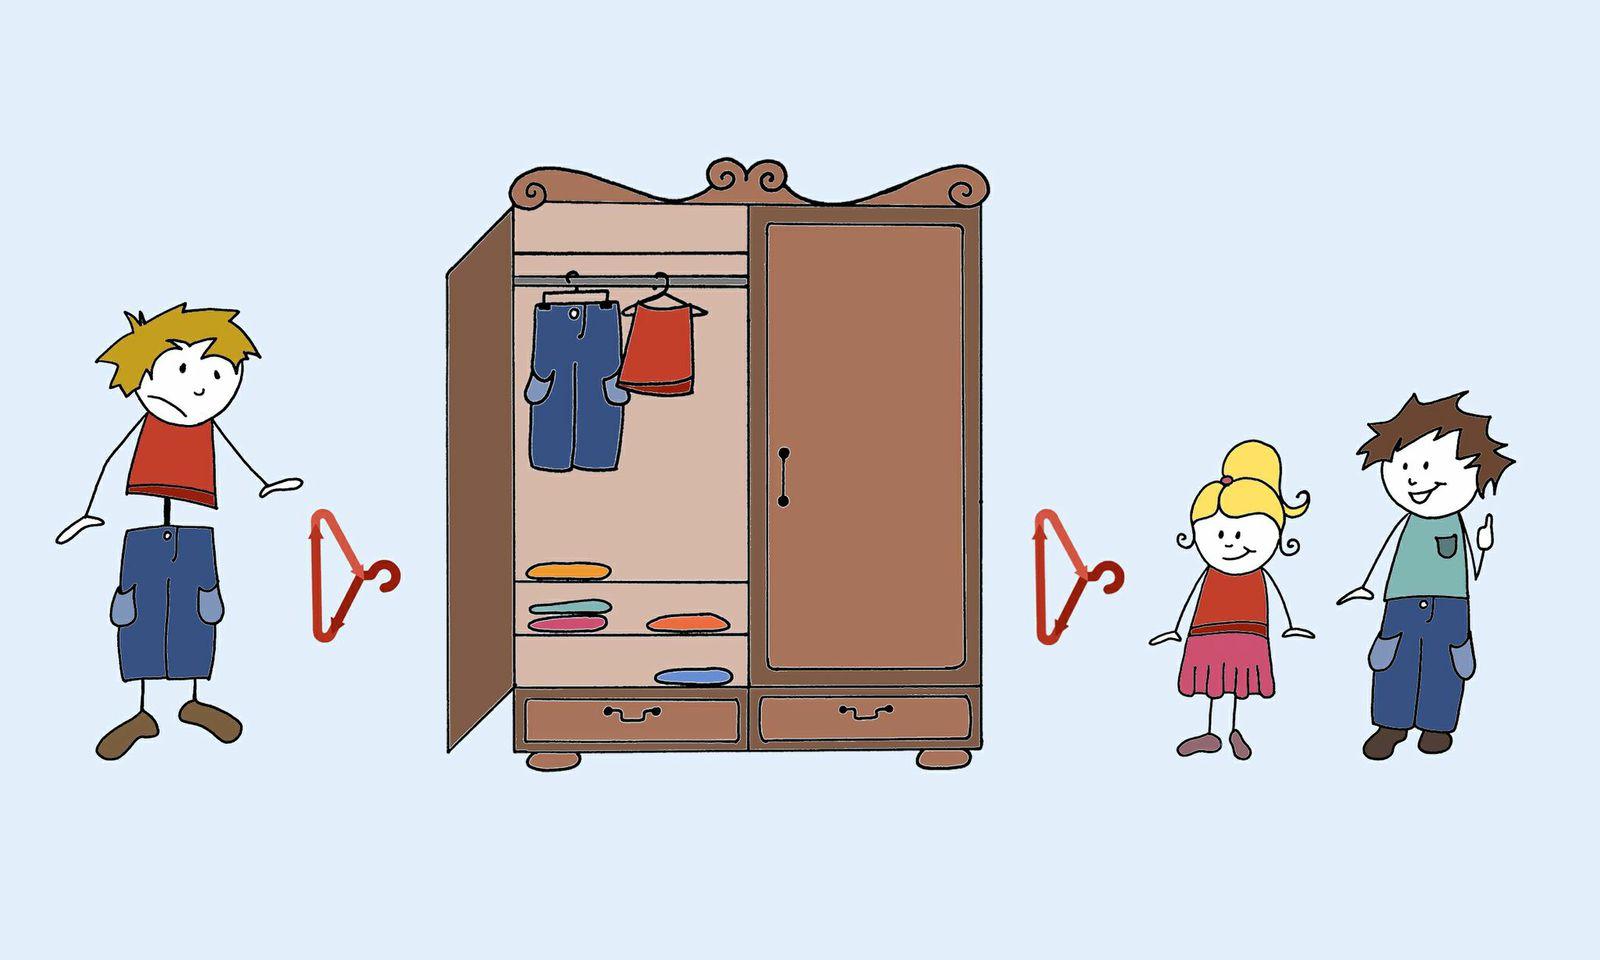 Der offene Kleiderschrank - so funktioniert's